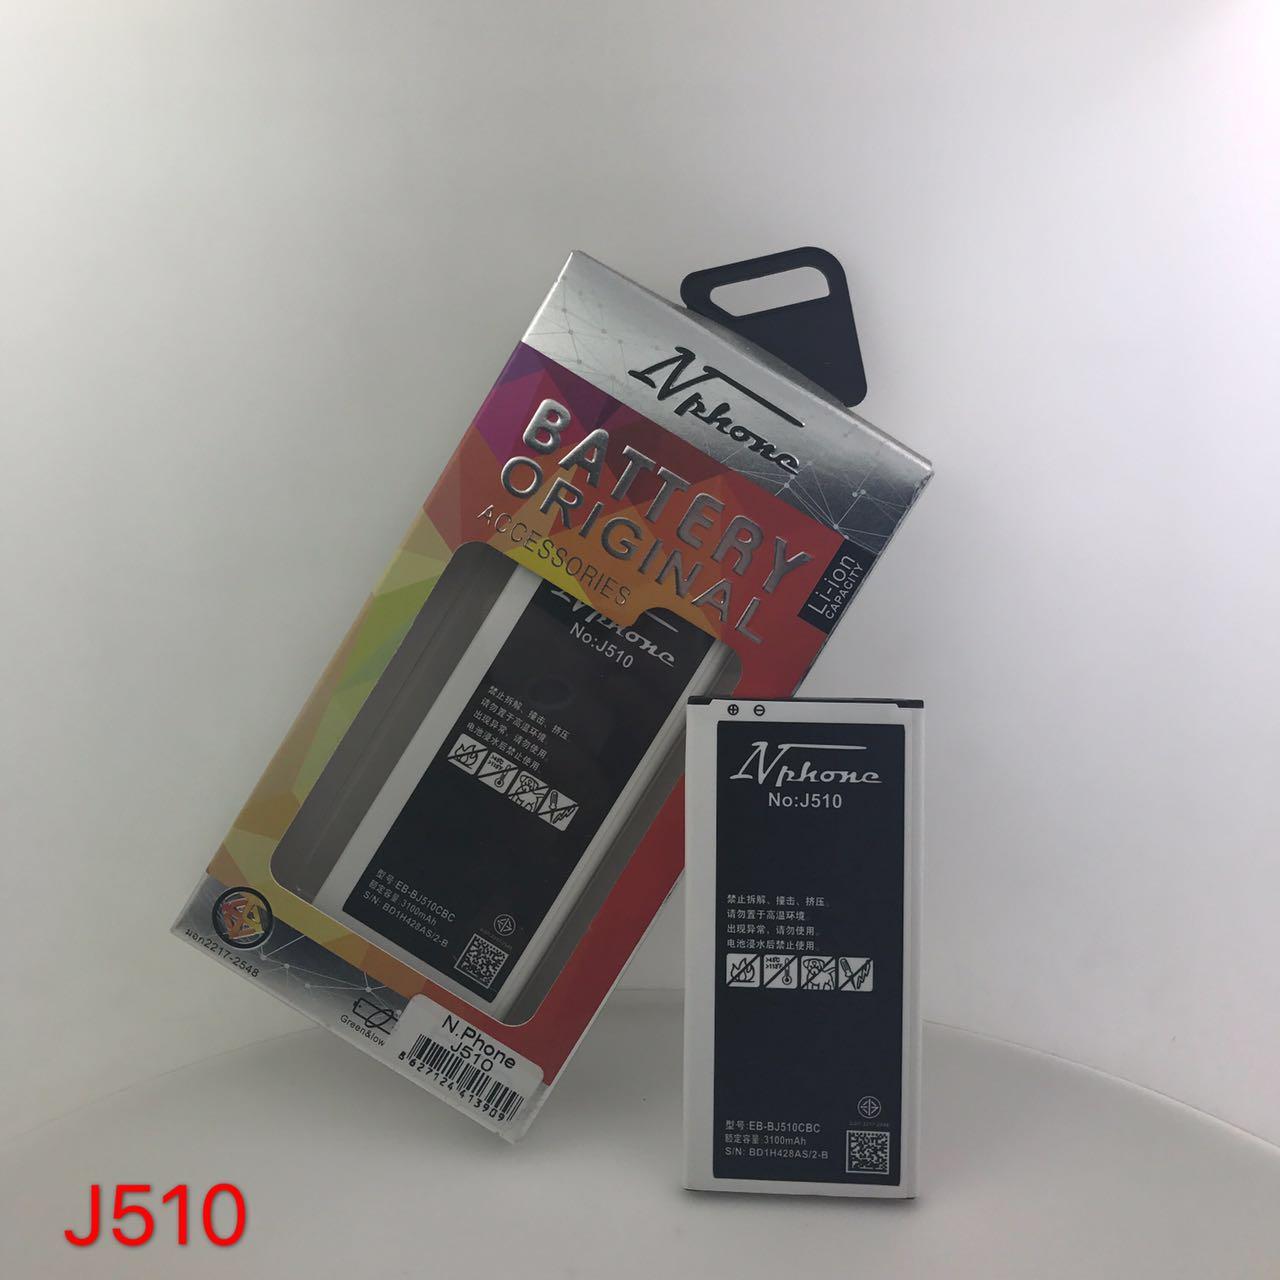 แบตเตอร์รี่ งานบริษัท ( มี มอก ไส้เต็ม ) Samsung Galaxy J510 // J5 2016